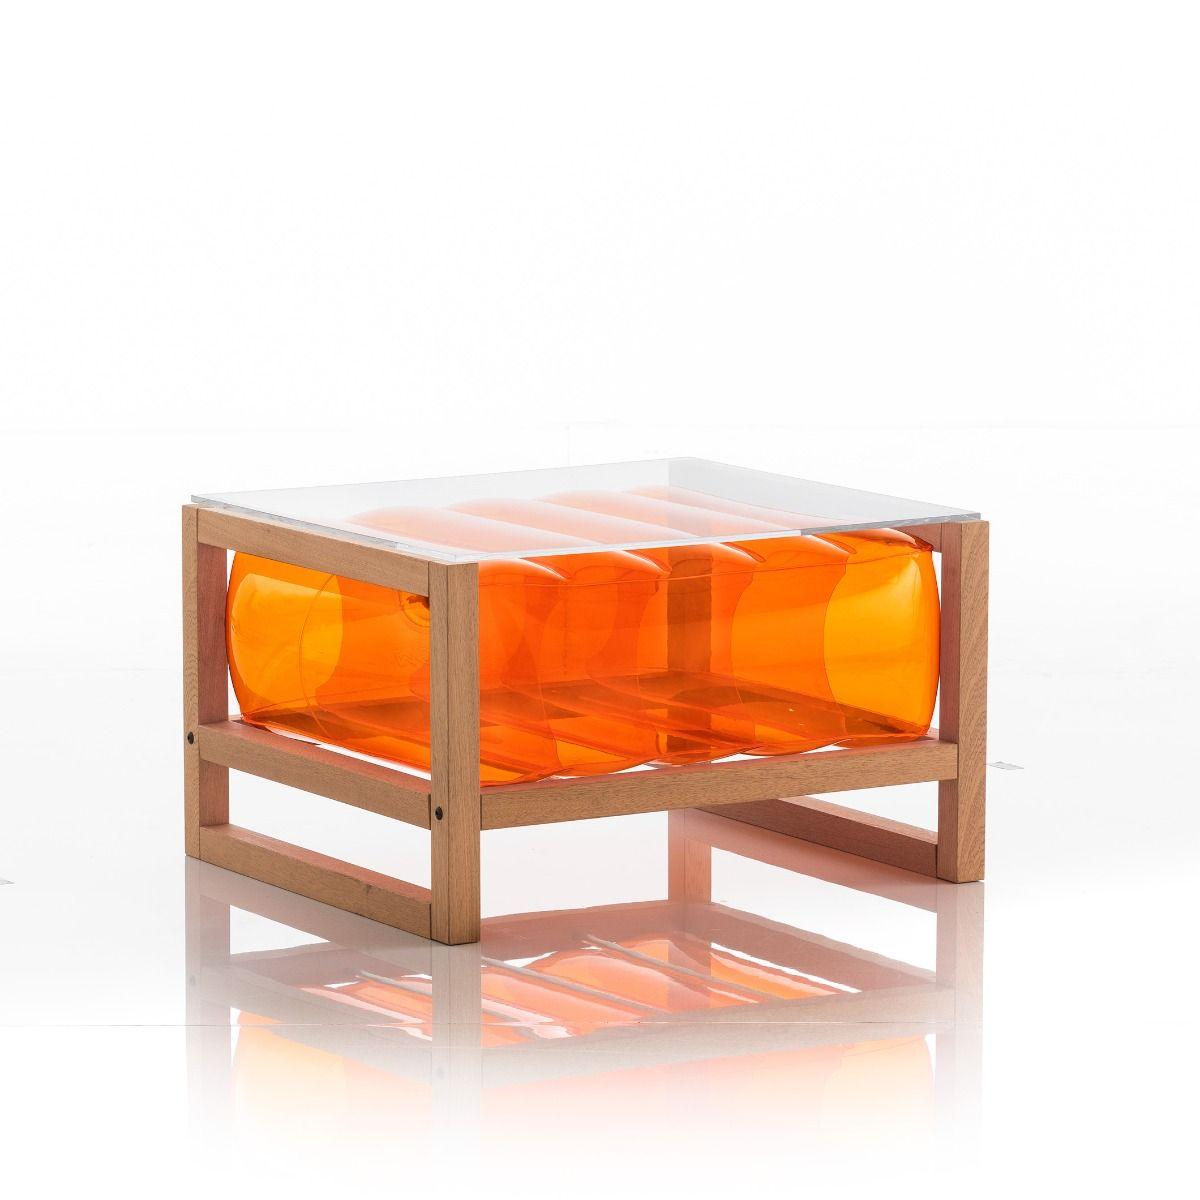 Table basse pvc orange cadre en bois